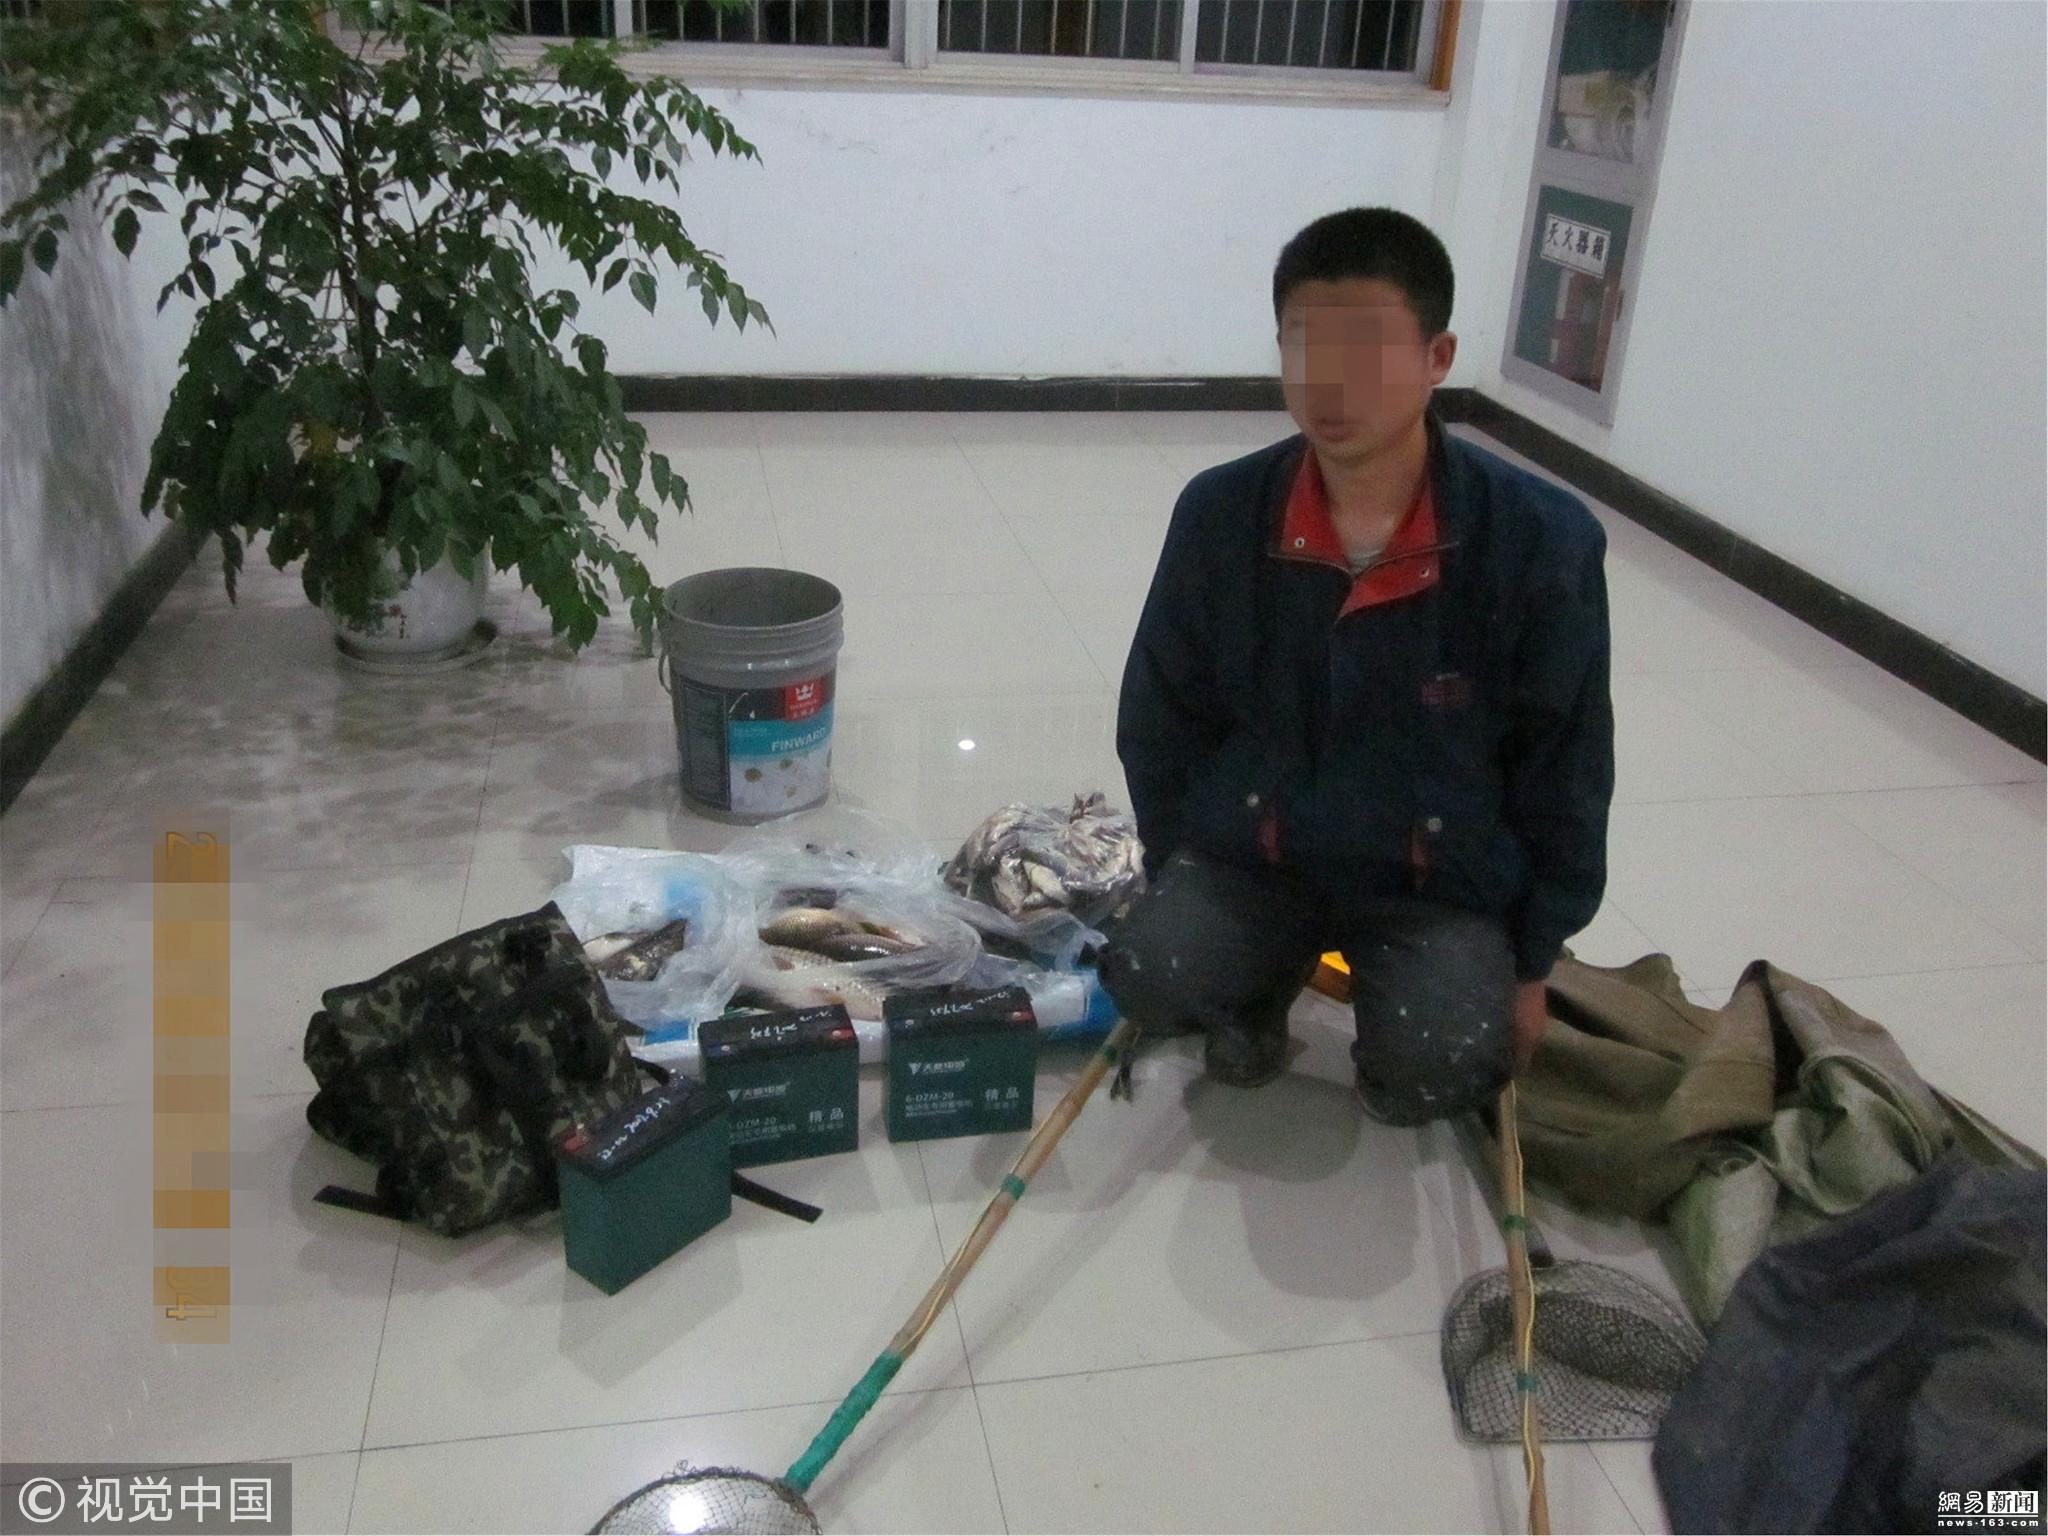 长江禁渔区域捕捞还电鱼 3人现场被抓! - 周公乐 - xinhua8848 的博客